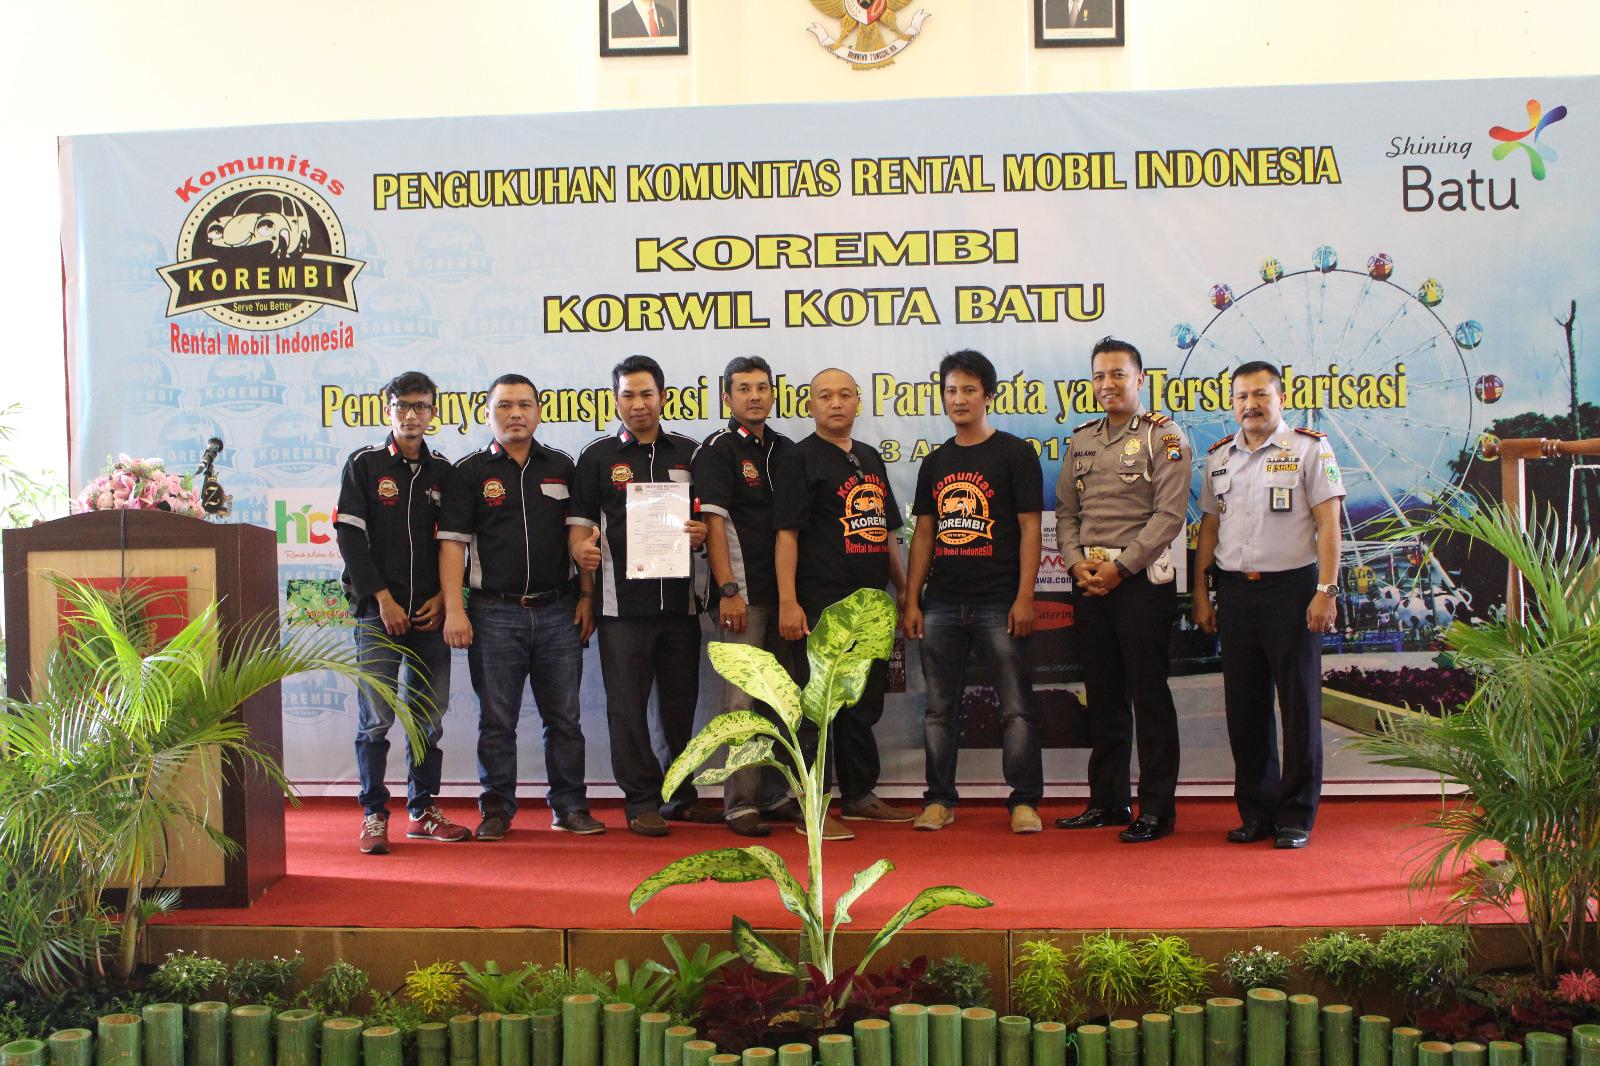 Pengukuhan Komunitas Rental Mobil Indonesia Korwil Kota Batu